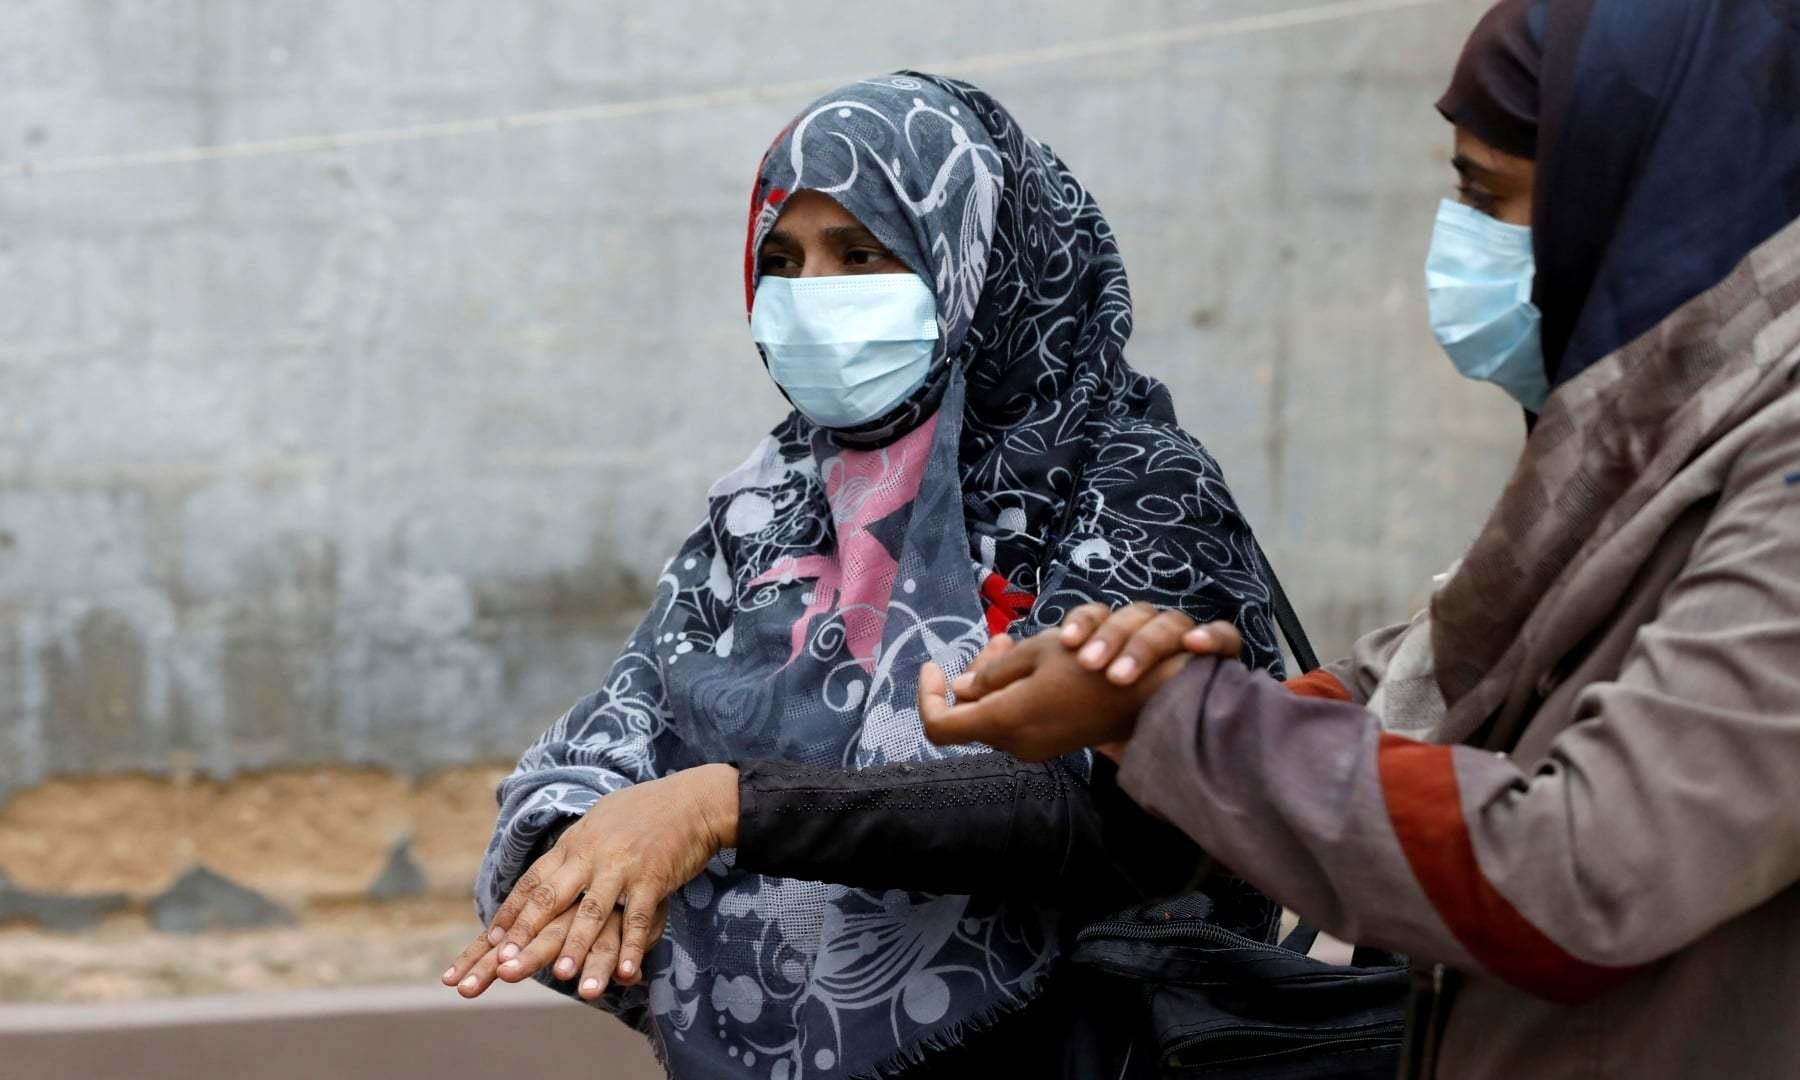 پولیو مہم کے ورکرز نے ماسک پہن کر اپنے فرائض انجام دیے— فوٹو:رائٹرز